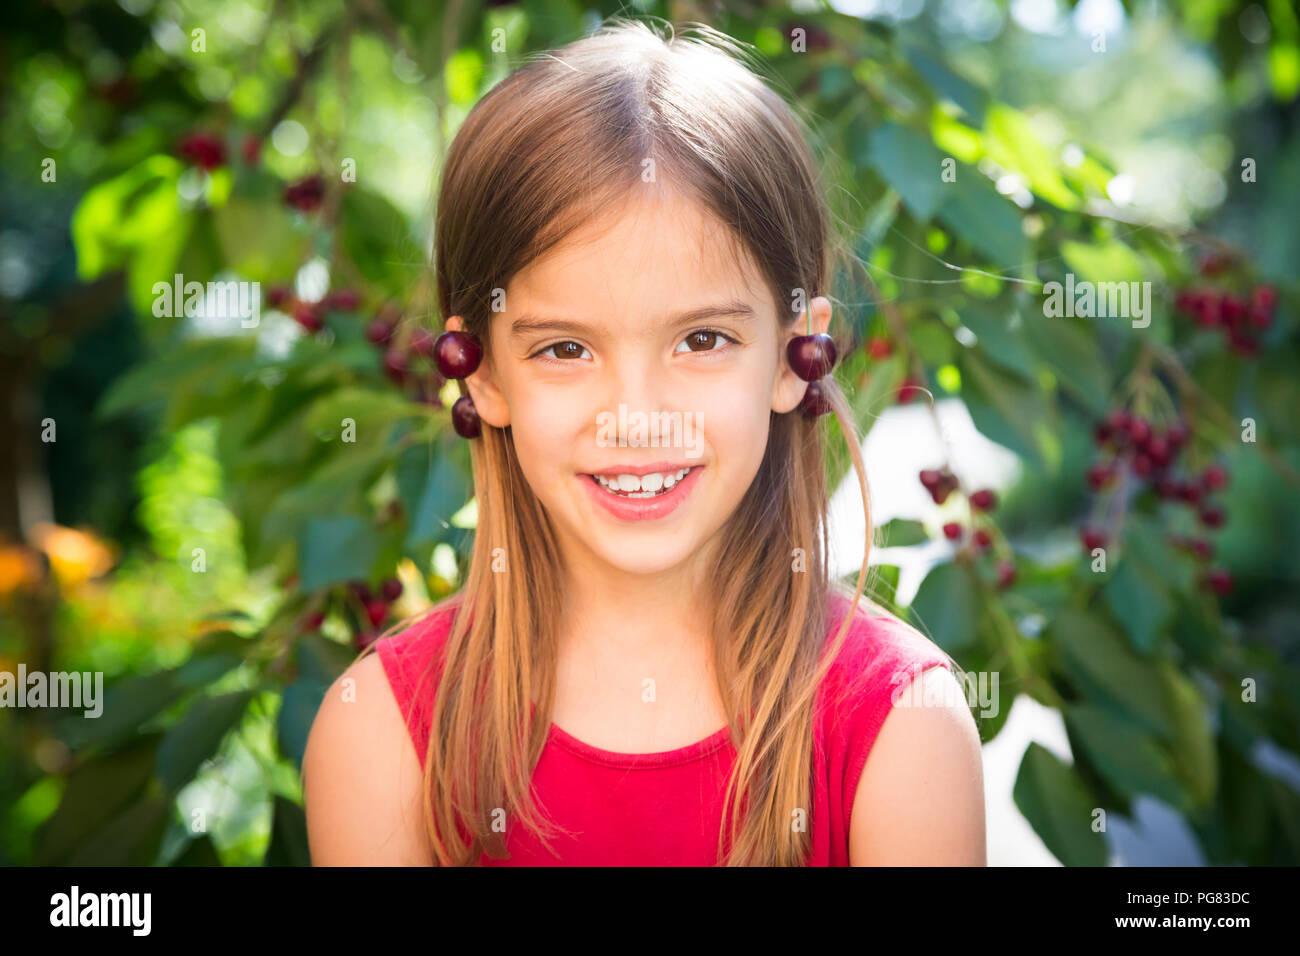 Kleines Mädchen mit Kirschen auf den Ohren Stockbild